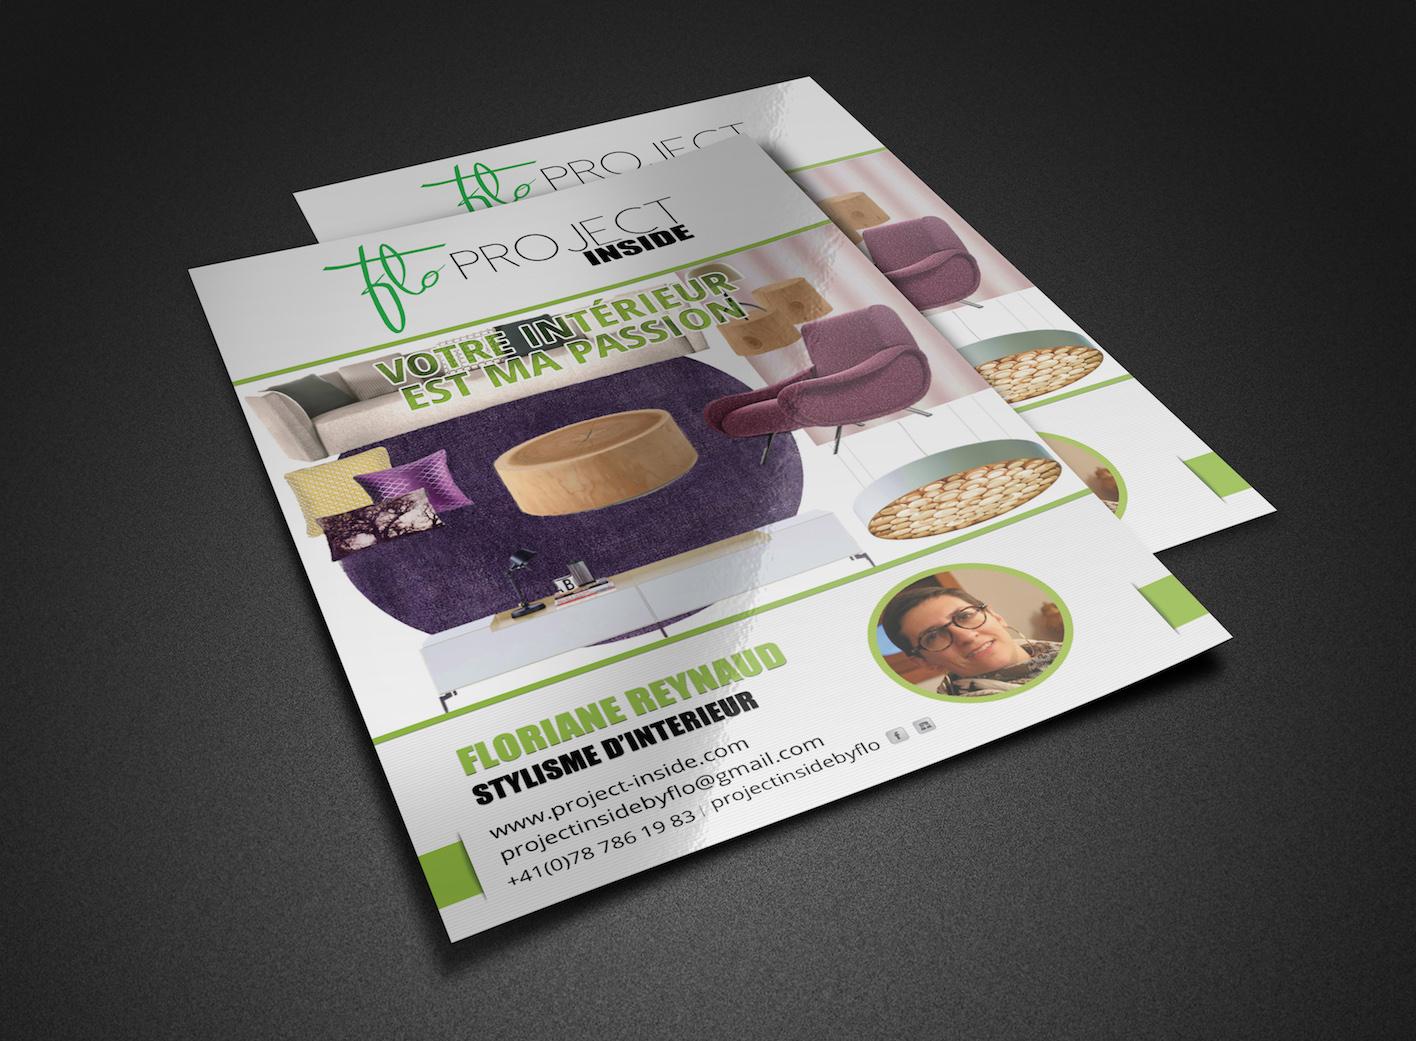 project inside flyers